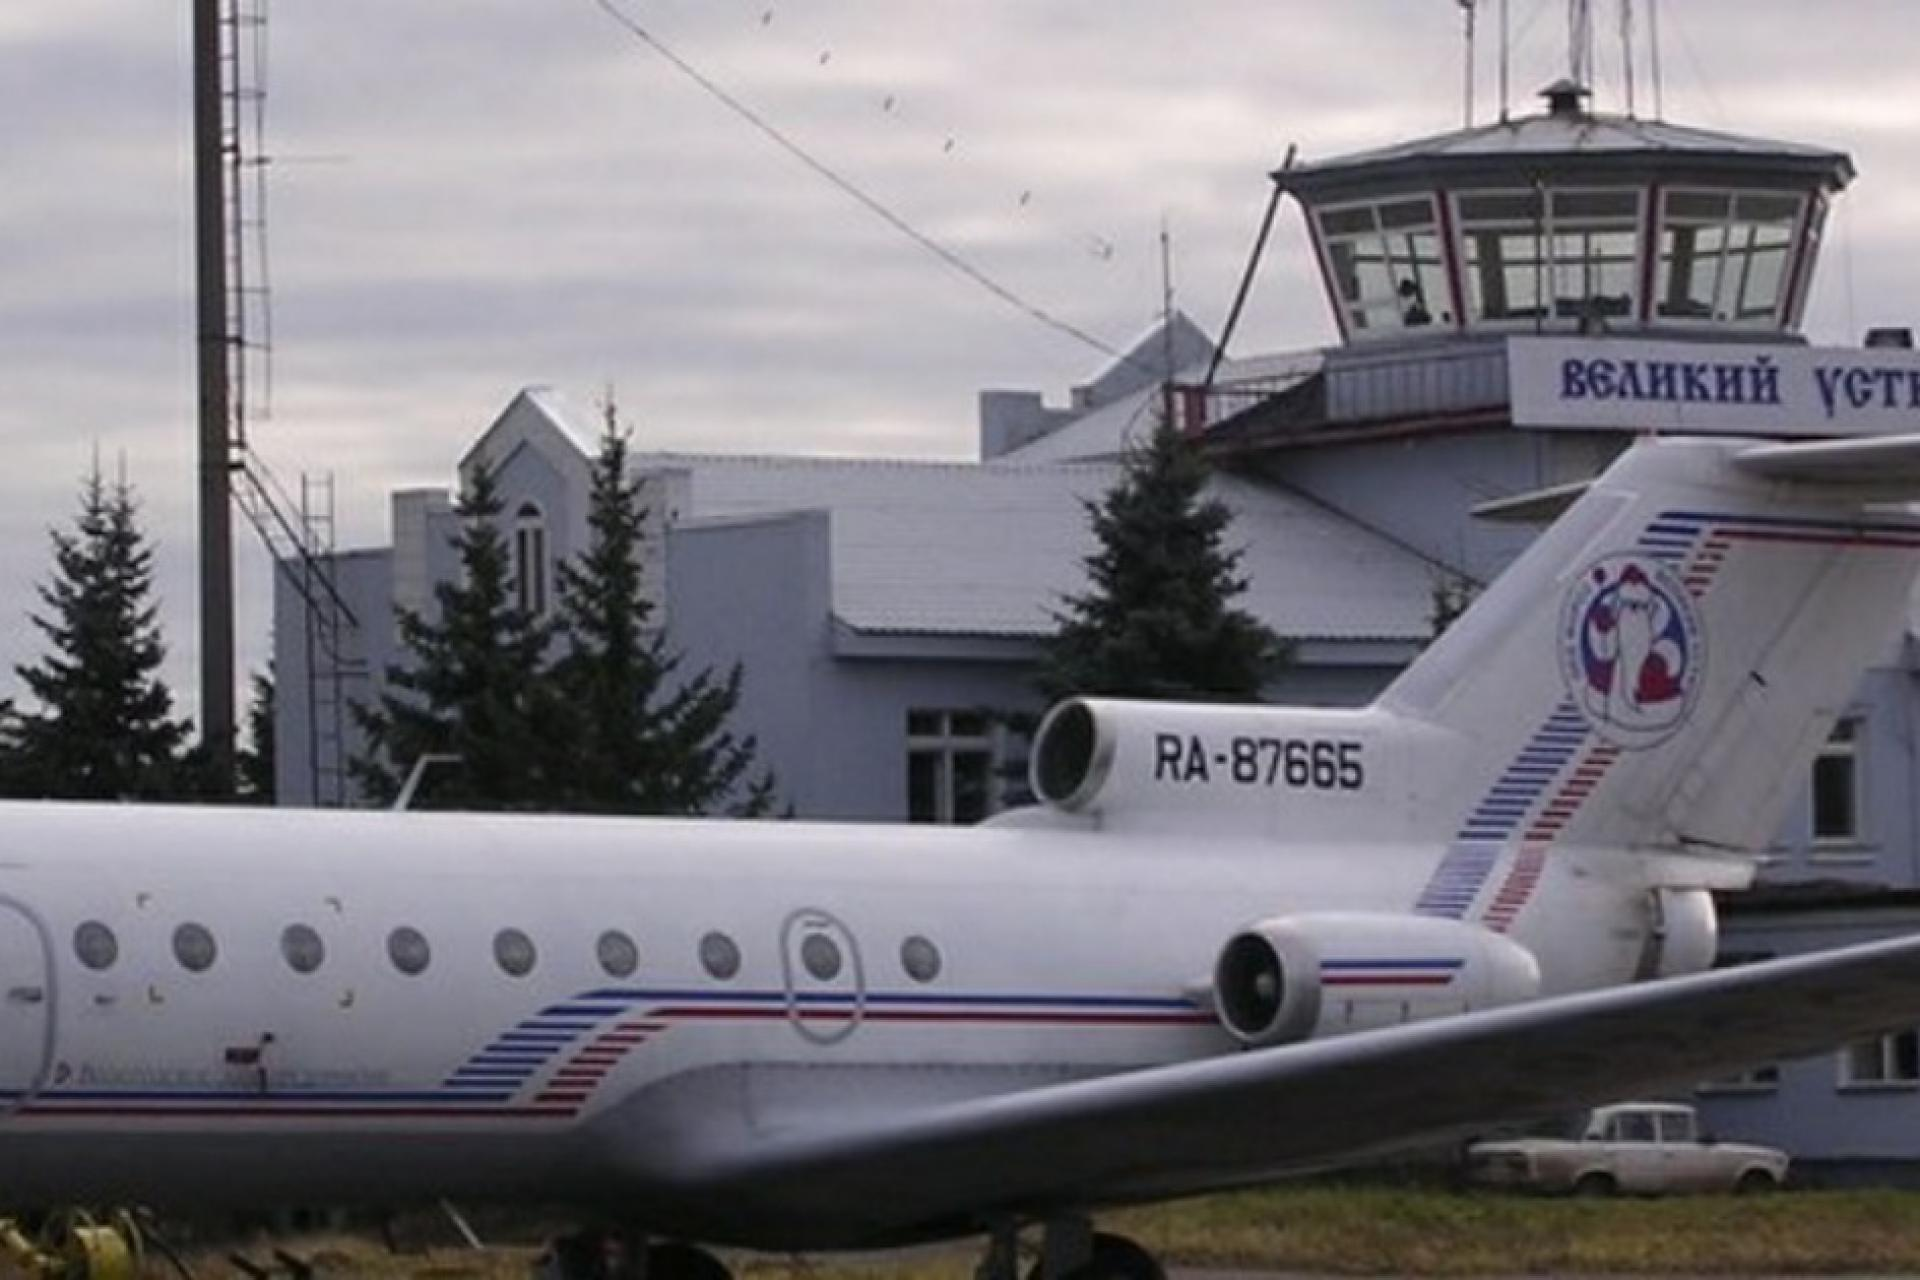 фото ЗакС политика На реконструкцию аэропорта в Великом Устюге понадобится еще 300 млн рублей